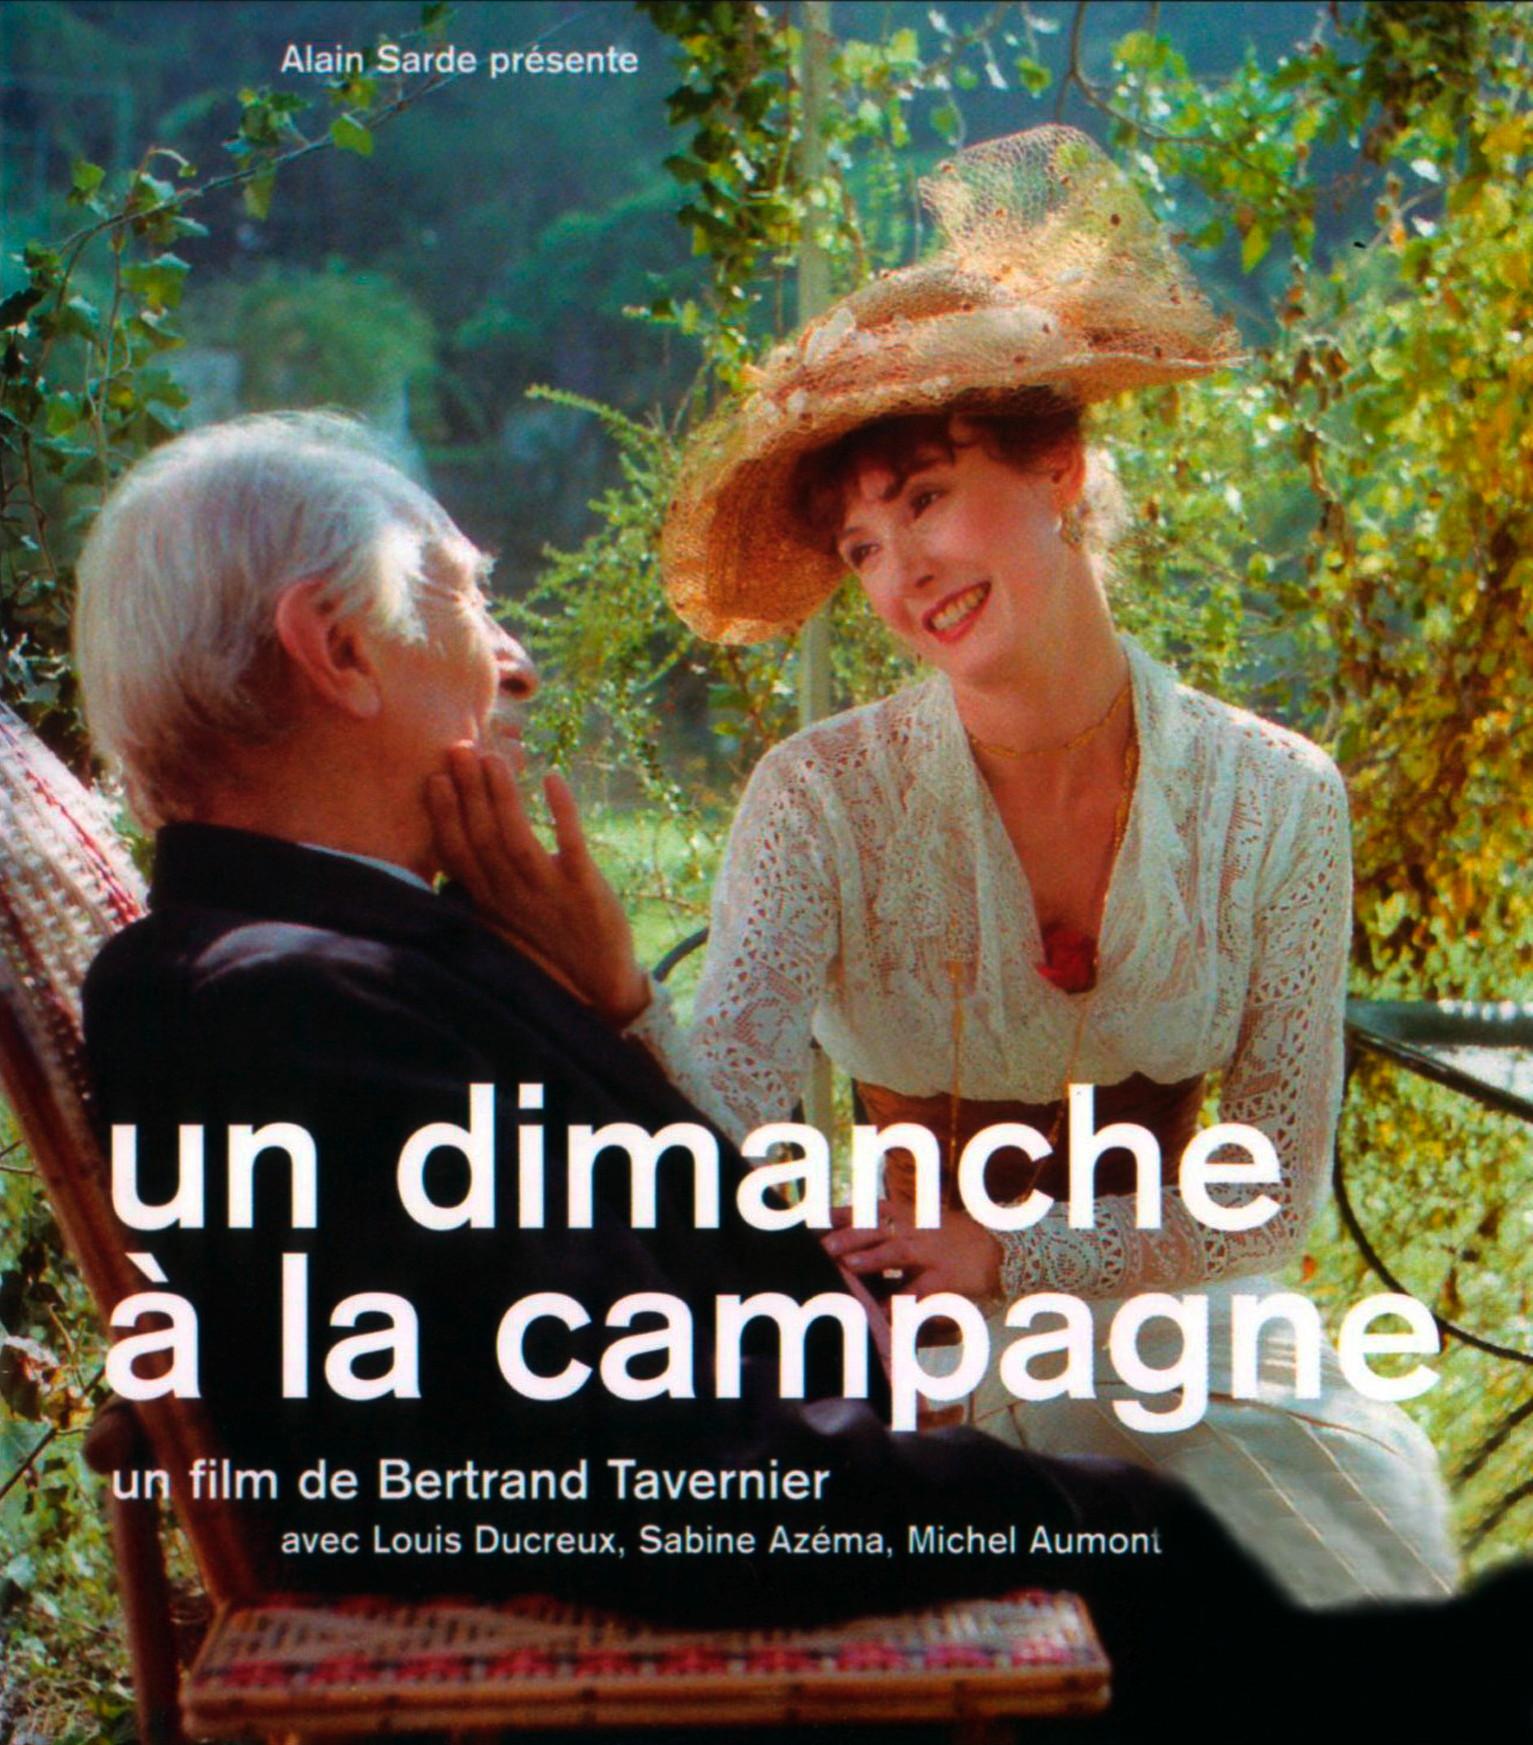 Un dimanche à la campagne de Bertrand Tavernier (1984)